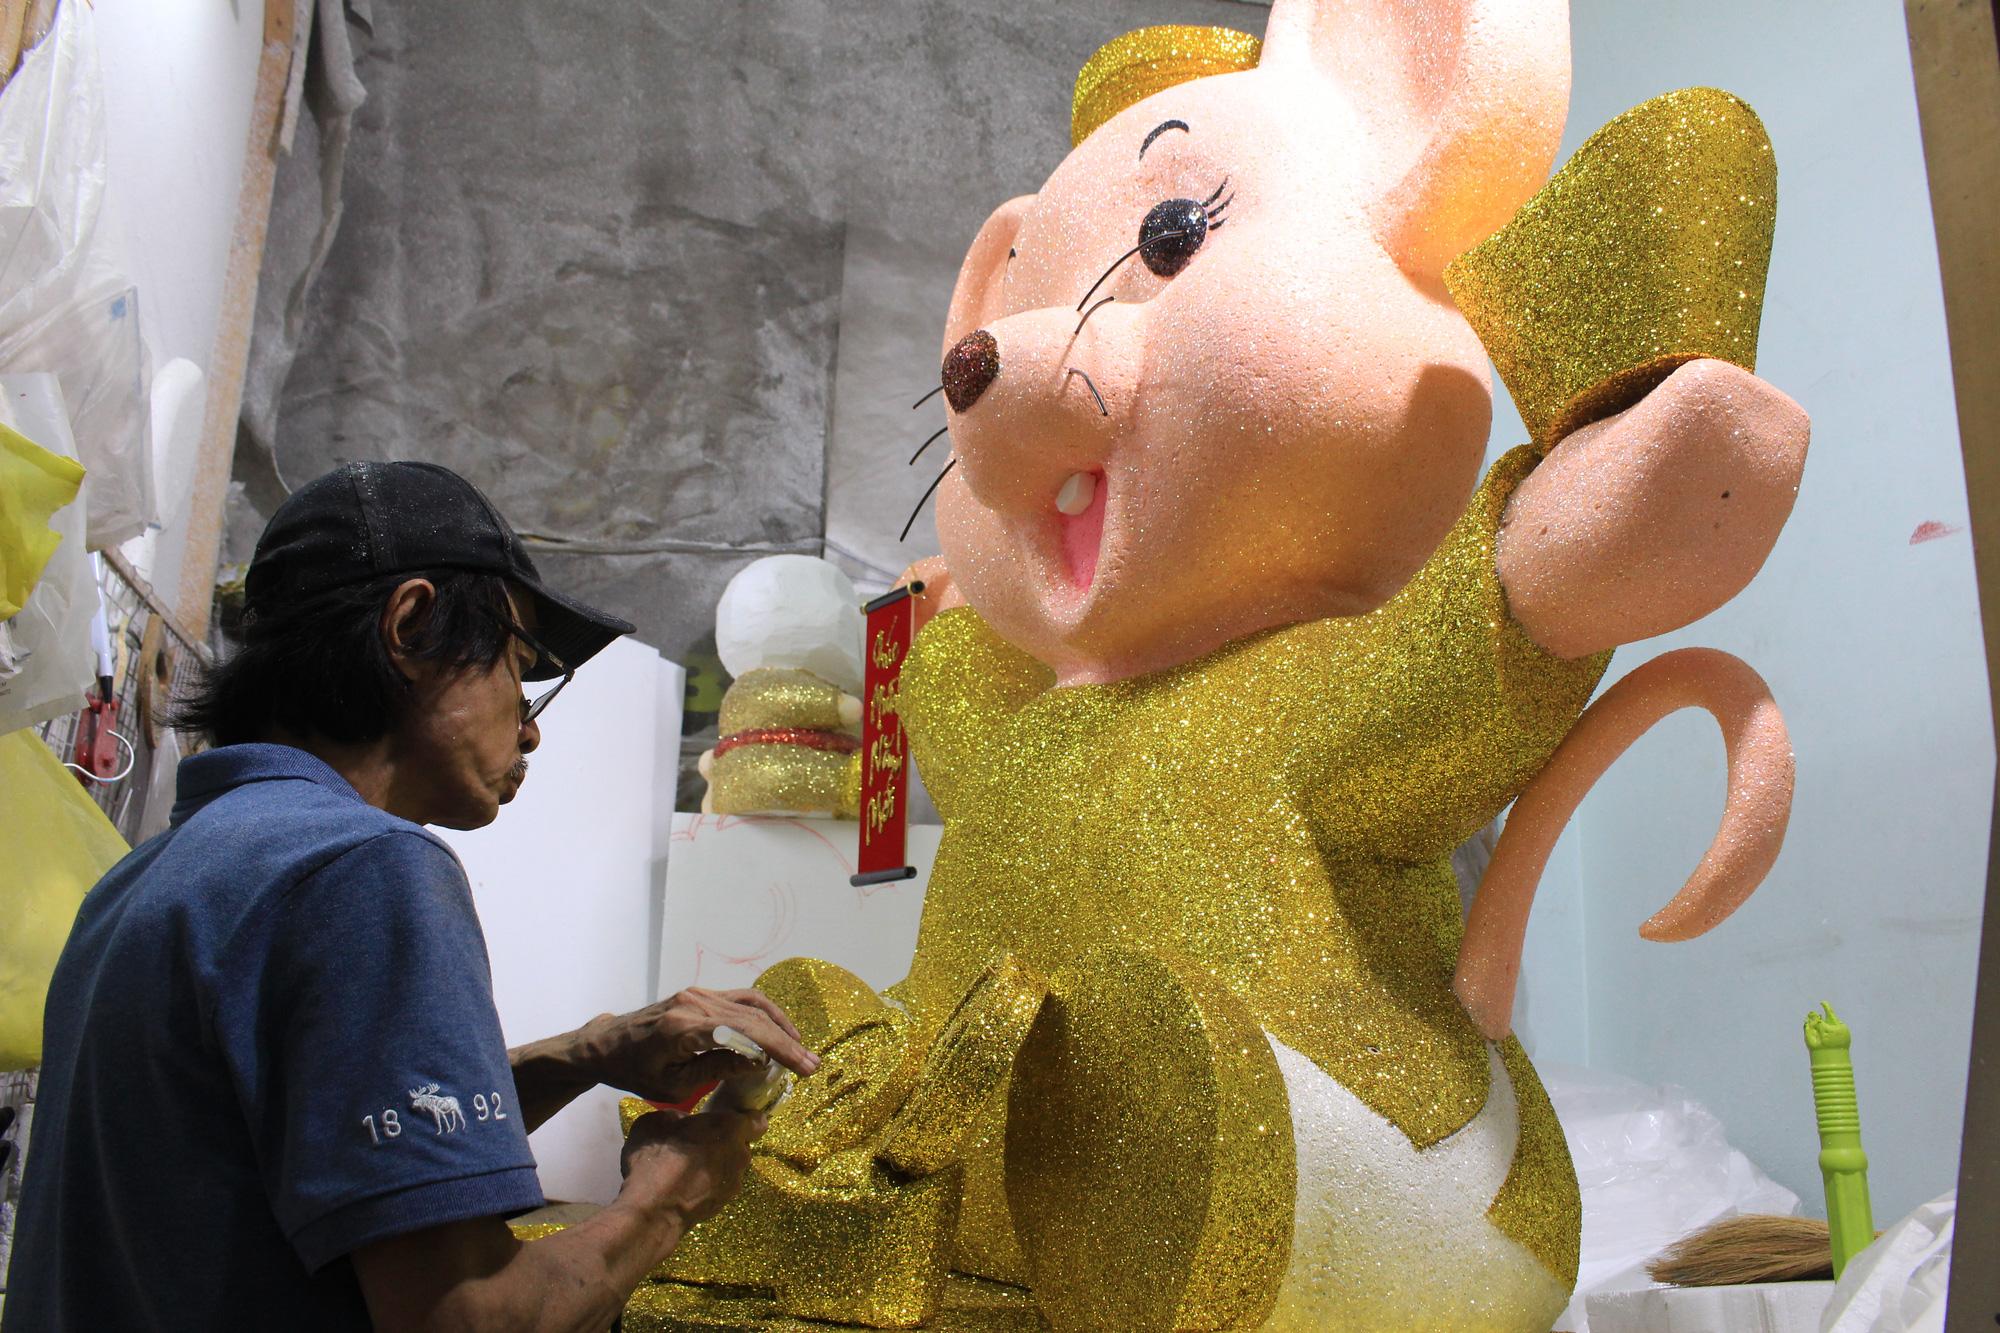 Chuột khổng lồ Tết Canh Tí chục triệu đồng ở Sài Gòn - Ảnh 7.